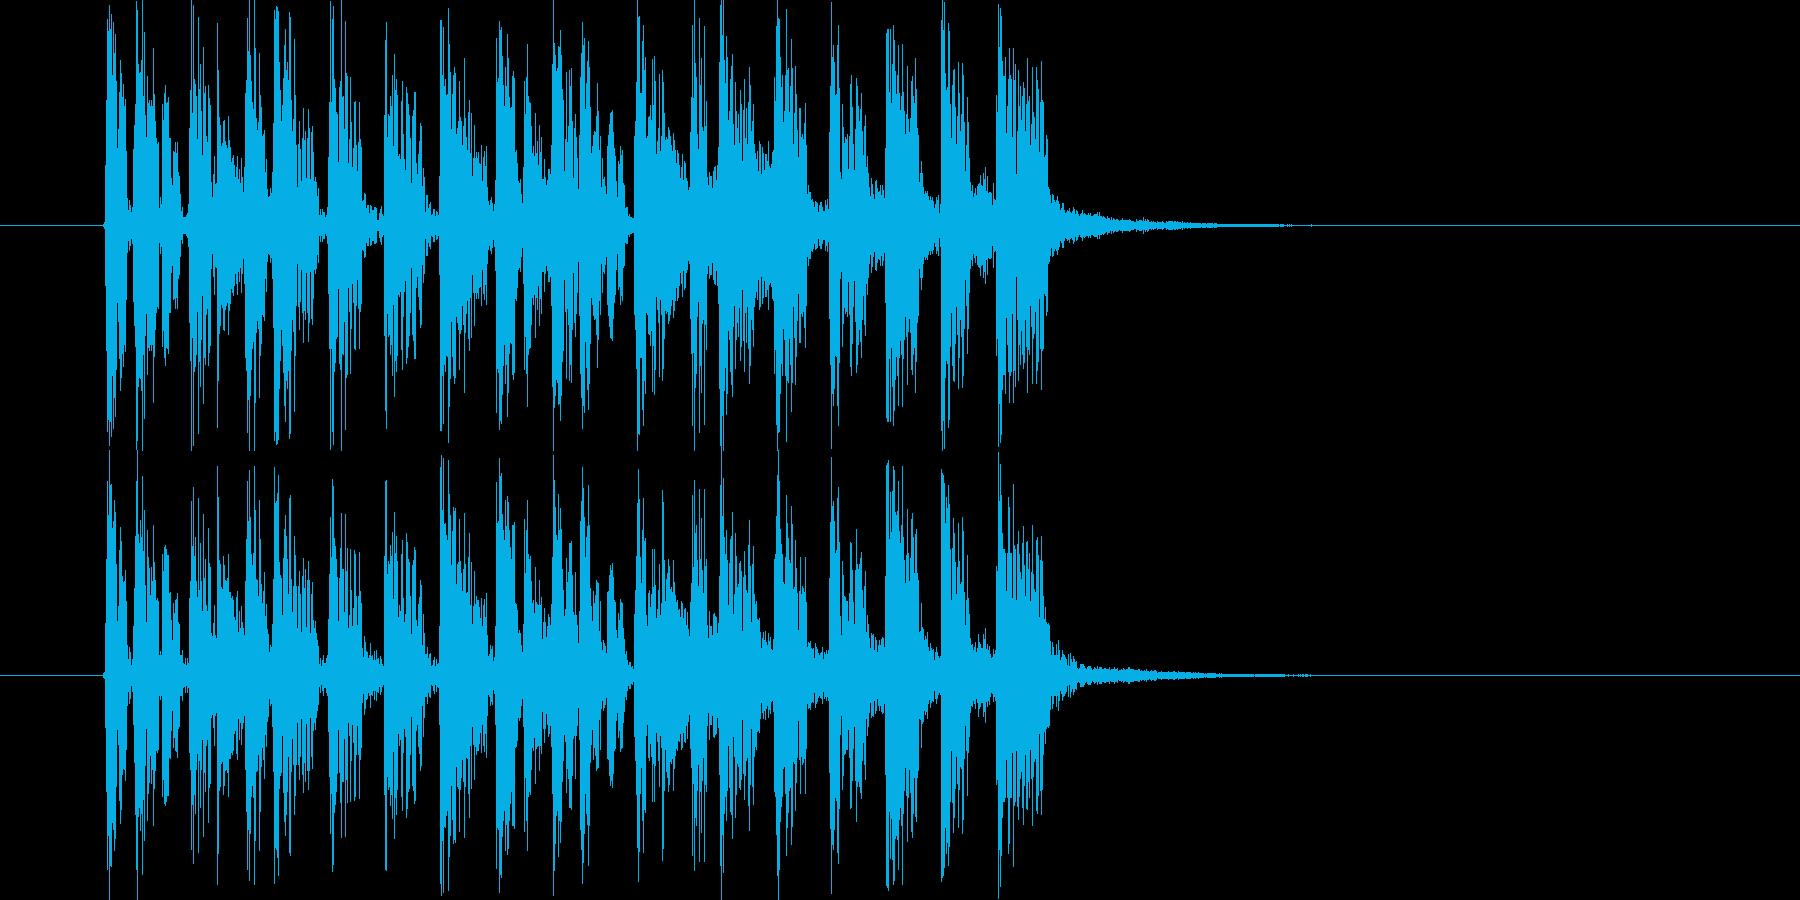 テクノポップスなジングル曲、サウンドロゴの再生済みの波形